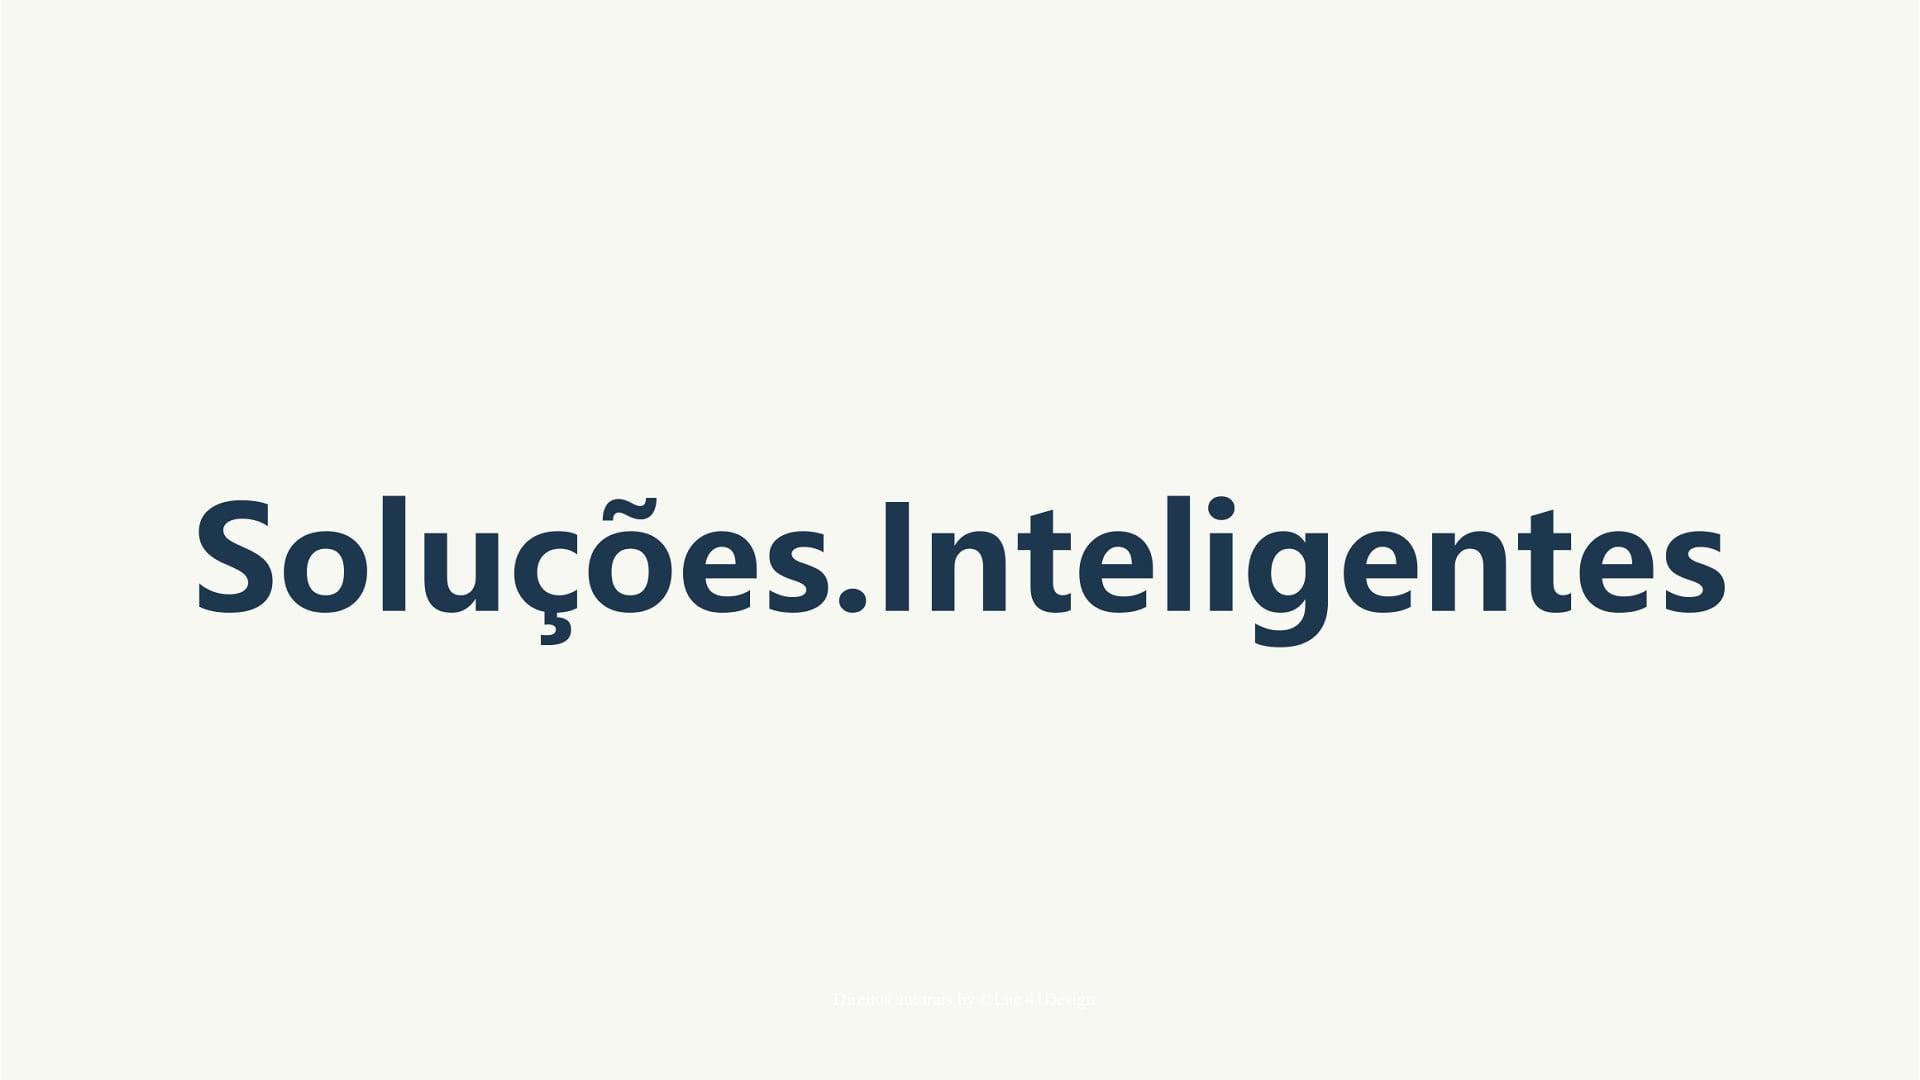 Empresa Soluções Inteligentes | Vídeo apresentação de produto pela Agência Síntese 2021.